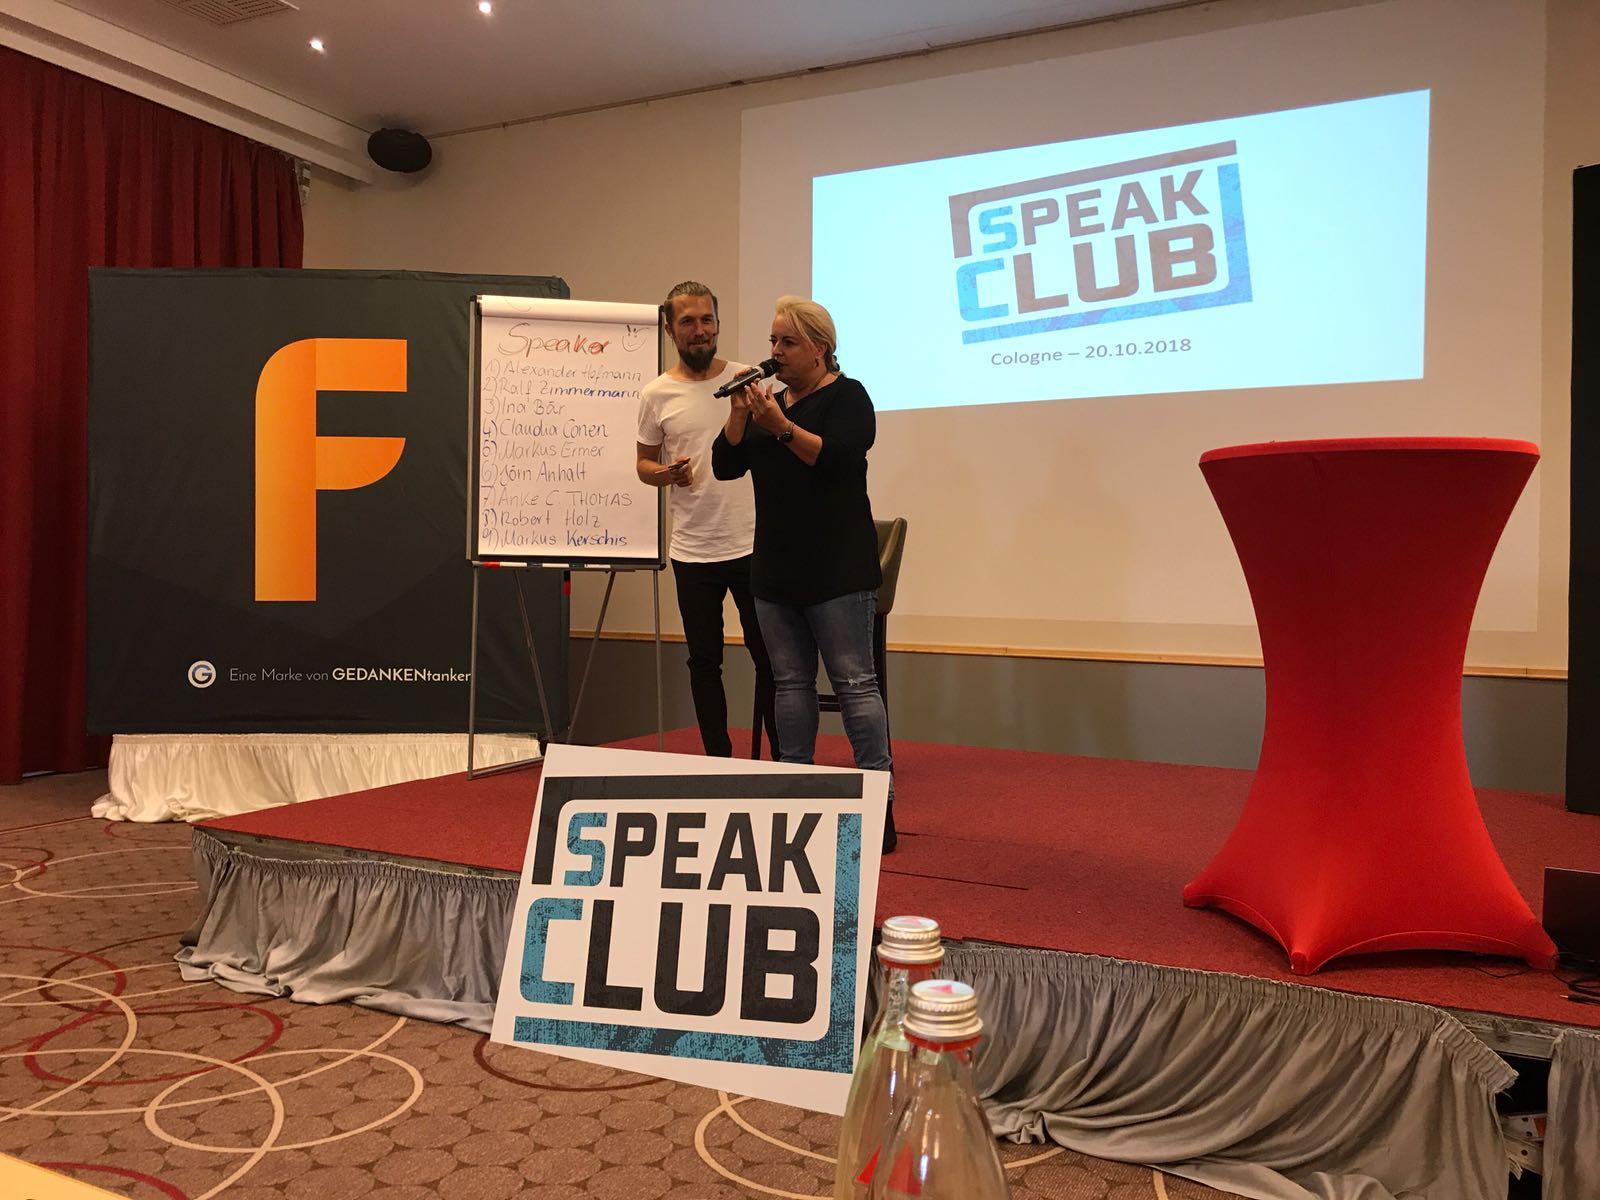 Vortrag Speak Club - Thema Spiegelneuronen